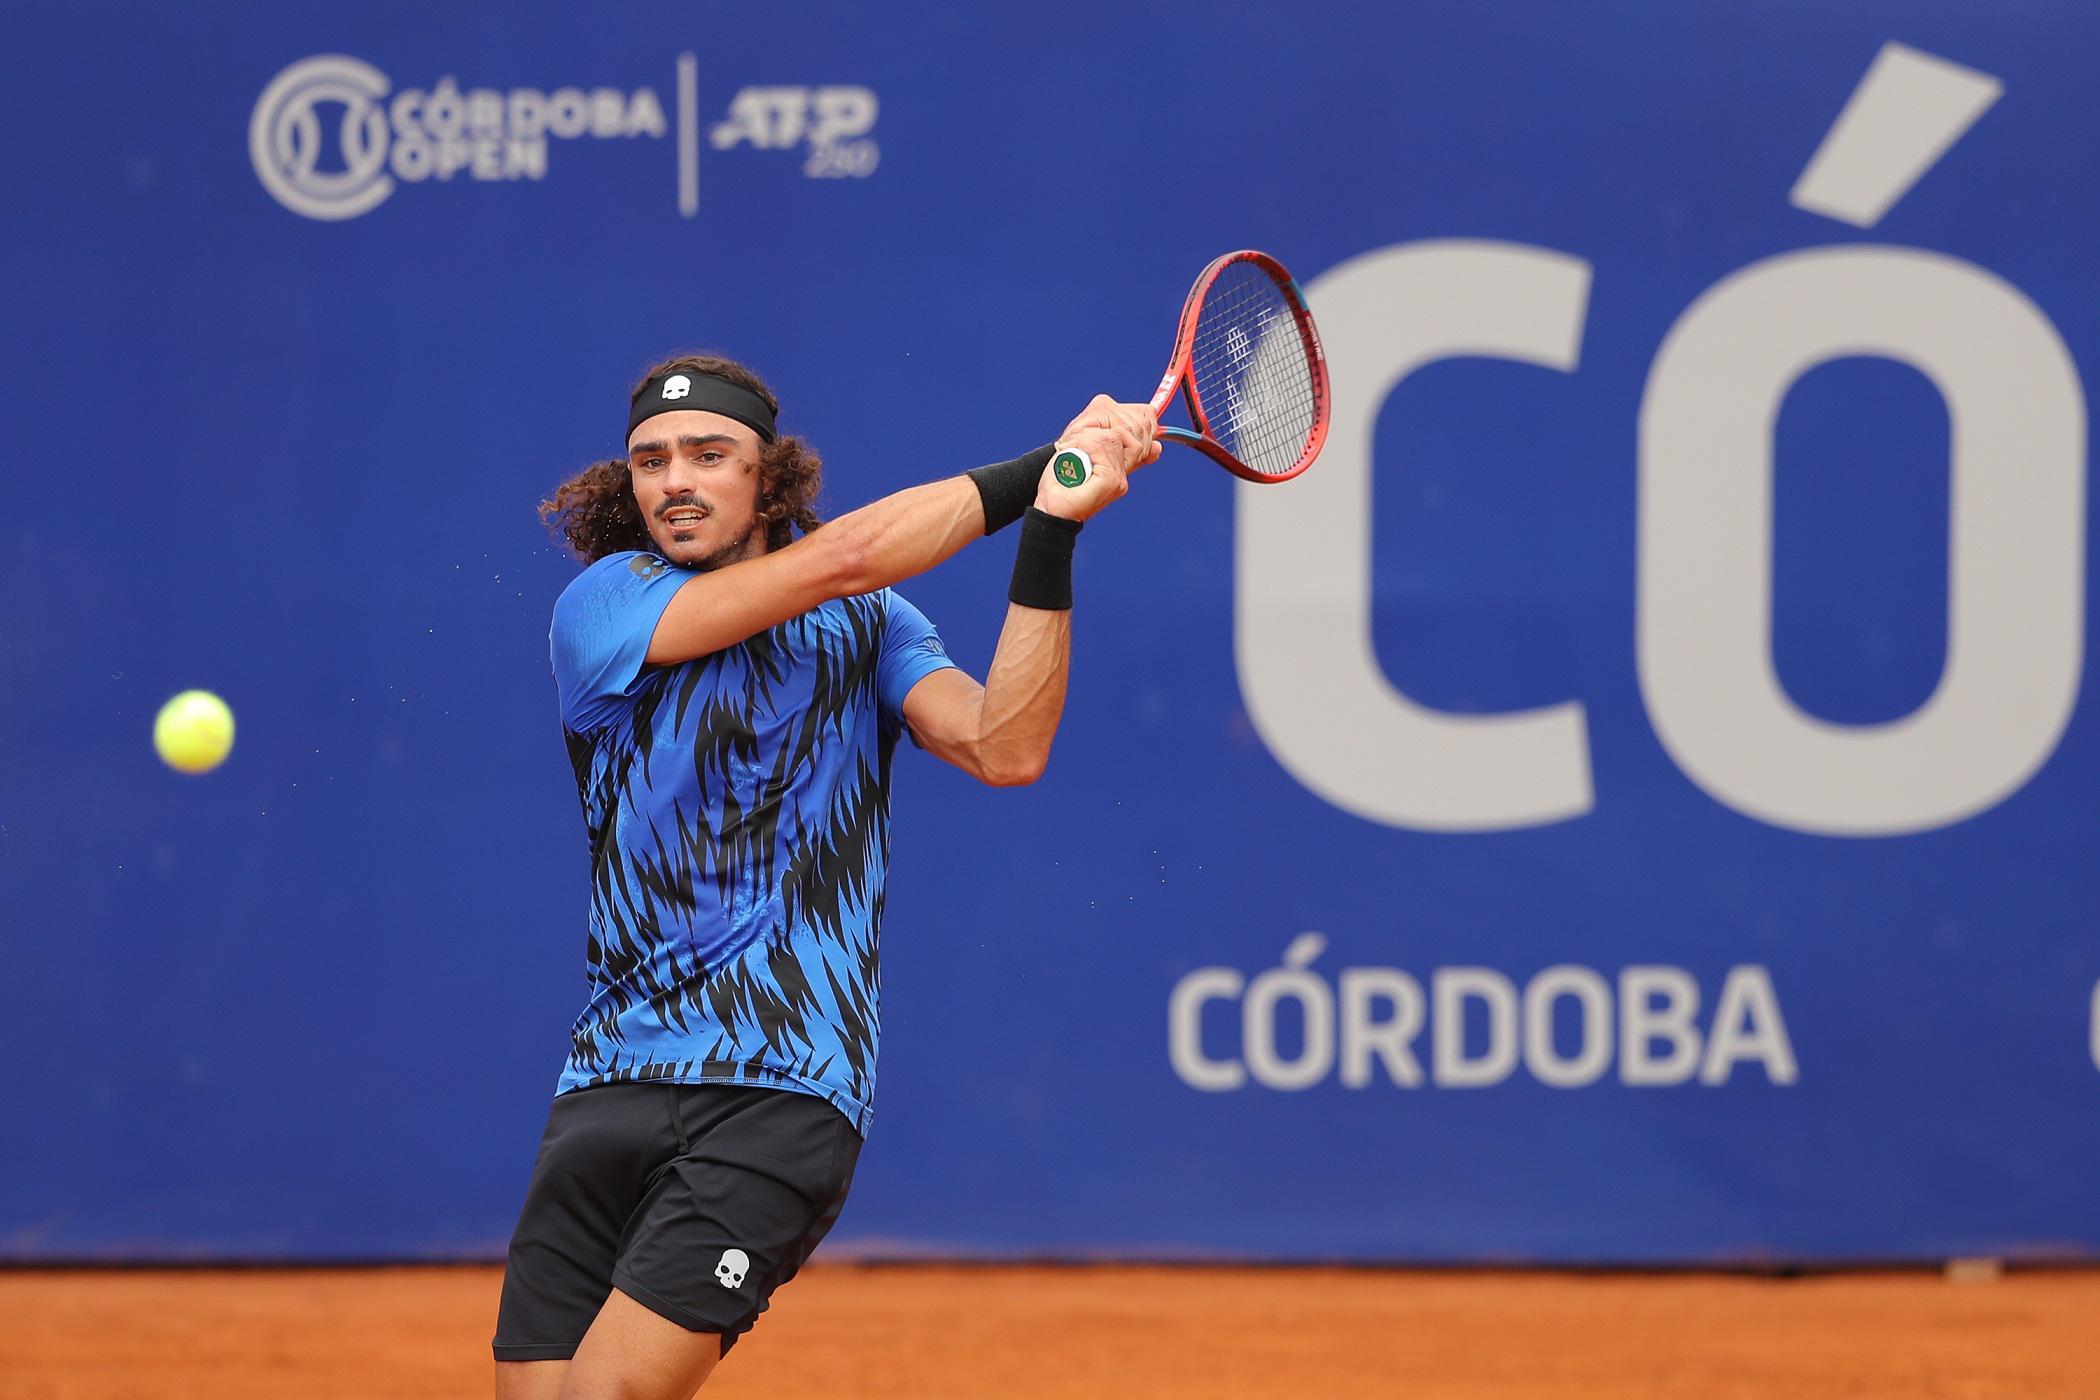 Con protocolos, arrancó la tercera edición del Córdoba Open